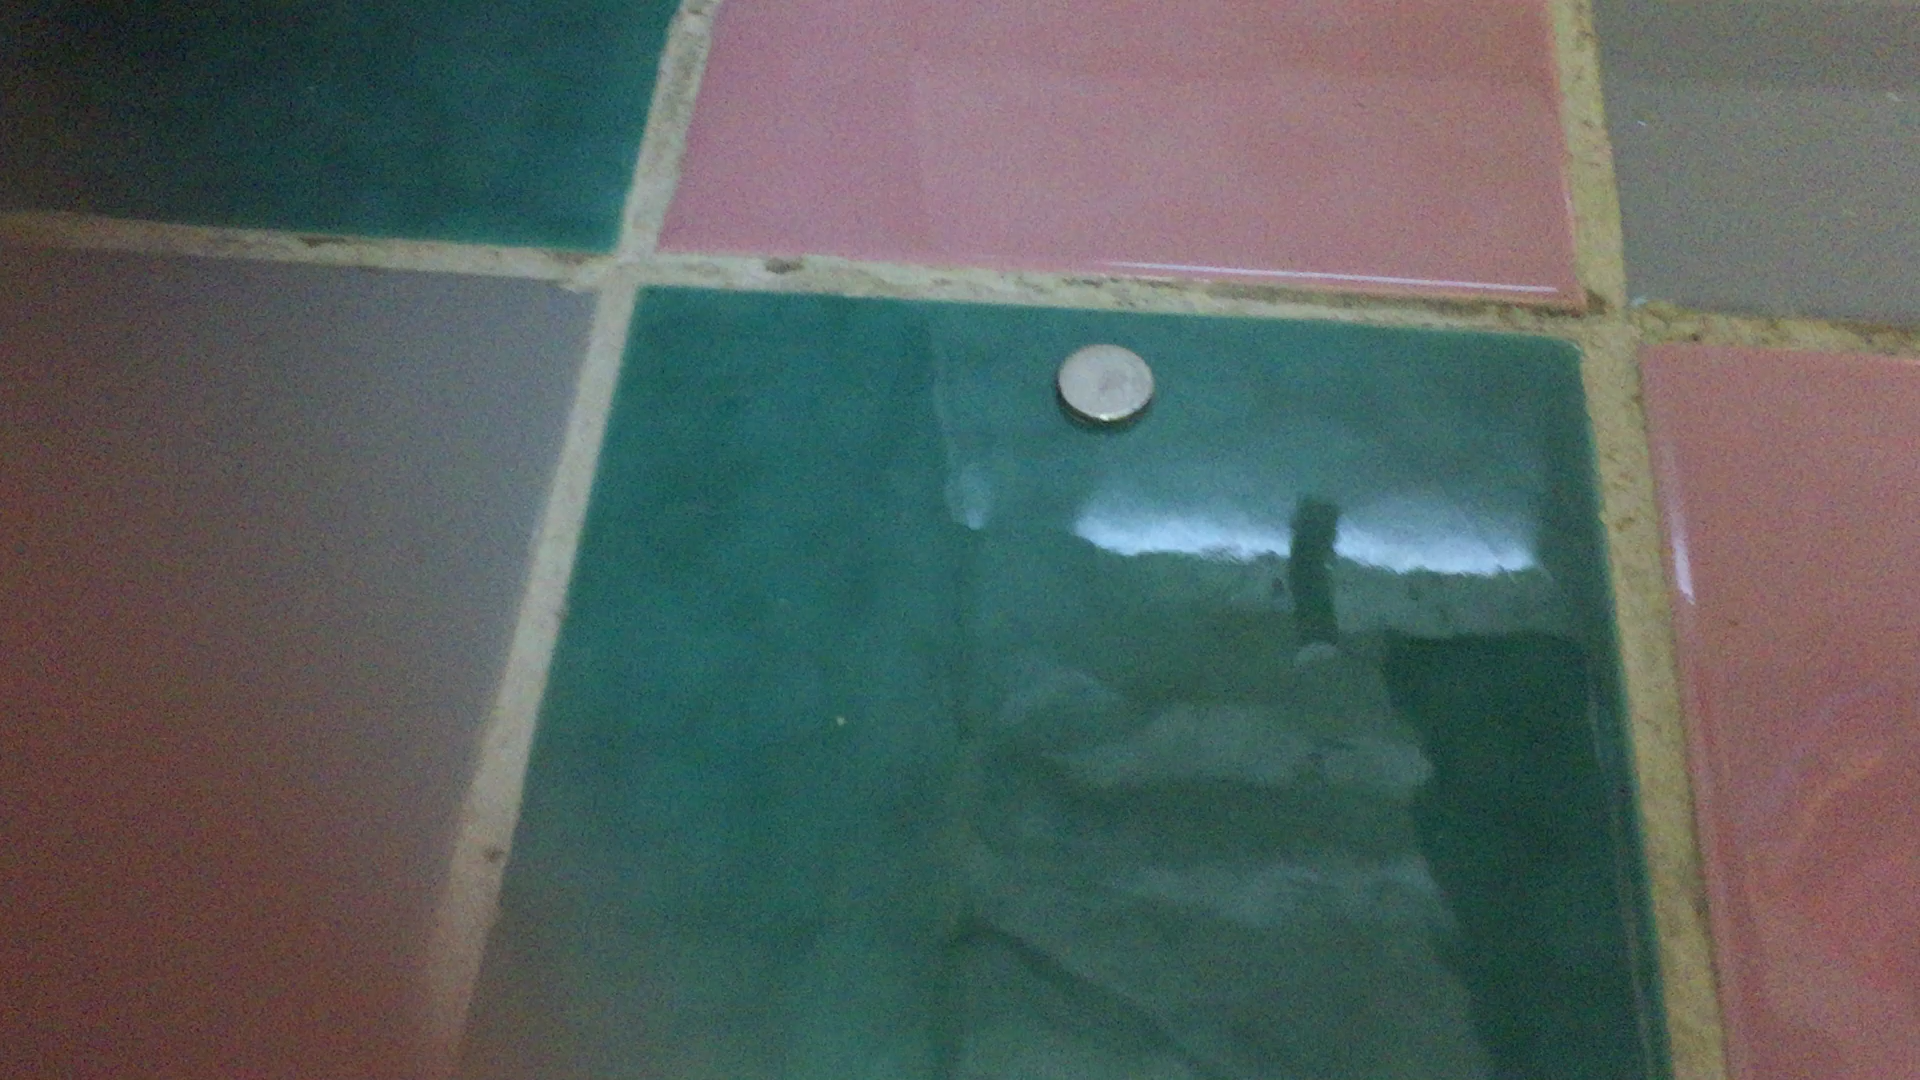 Hier Zeigen Wir Euch Wie Deco Fix Einfach Und Schnell Entfernt Werden Kann Ruckstandslosentfernen Ruckstandslosdemontie Video Moderne Fliesen Fliesen Wandpaneele